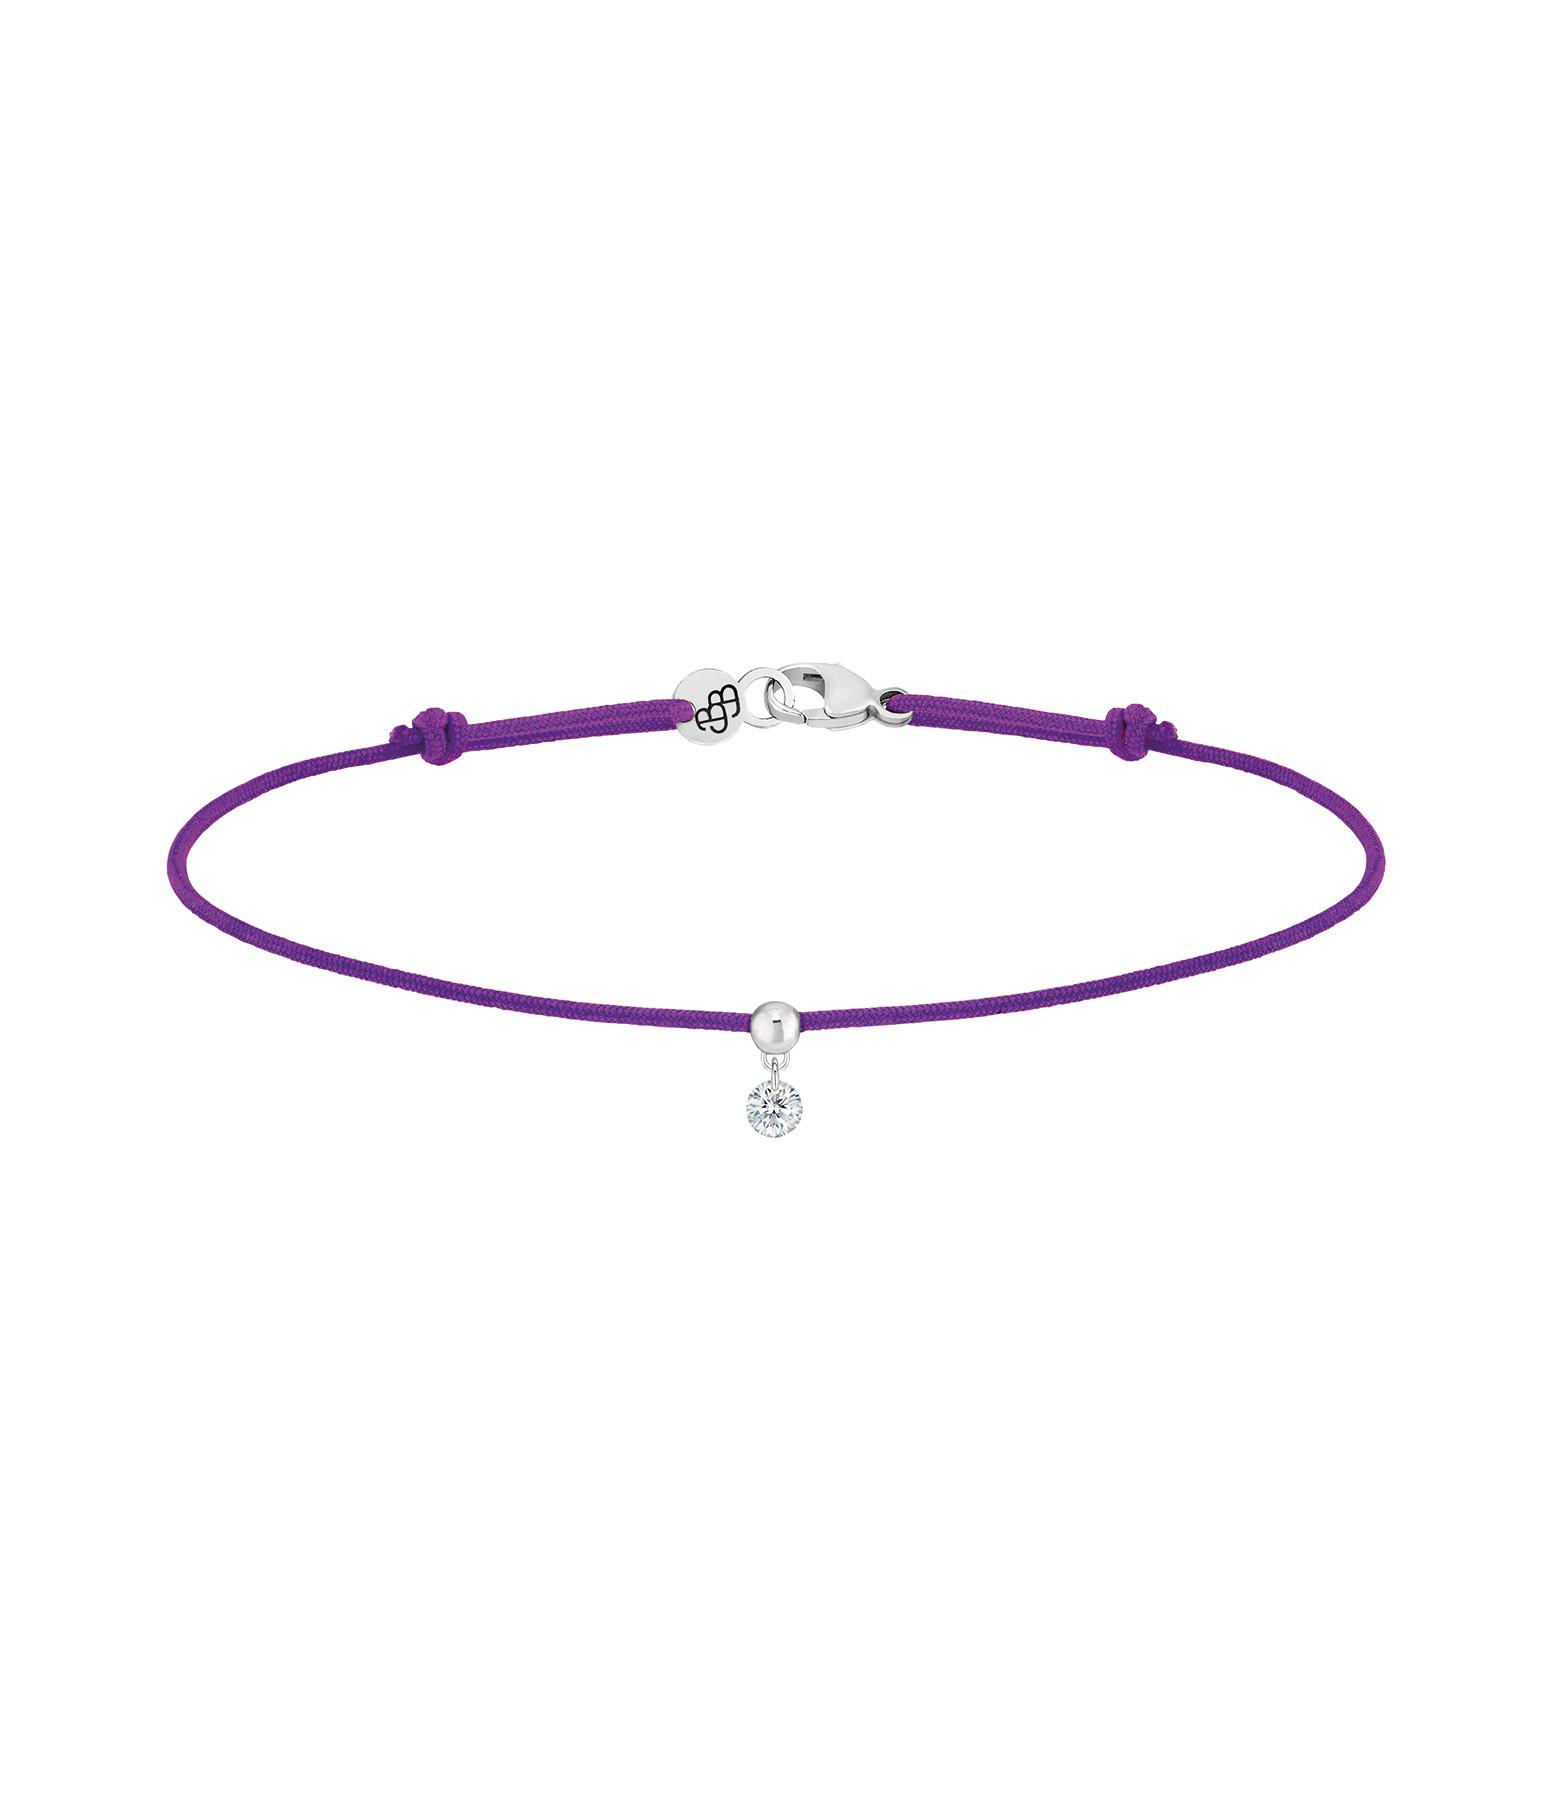 LA BRUNE & LA BLONDE - Bracelet BB Diamant Brillant Cordon Violet Or Jaune